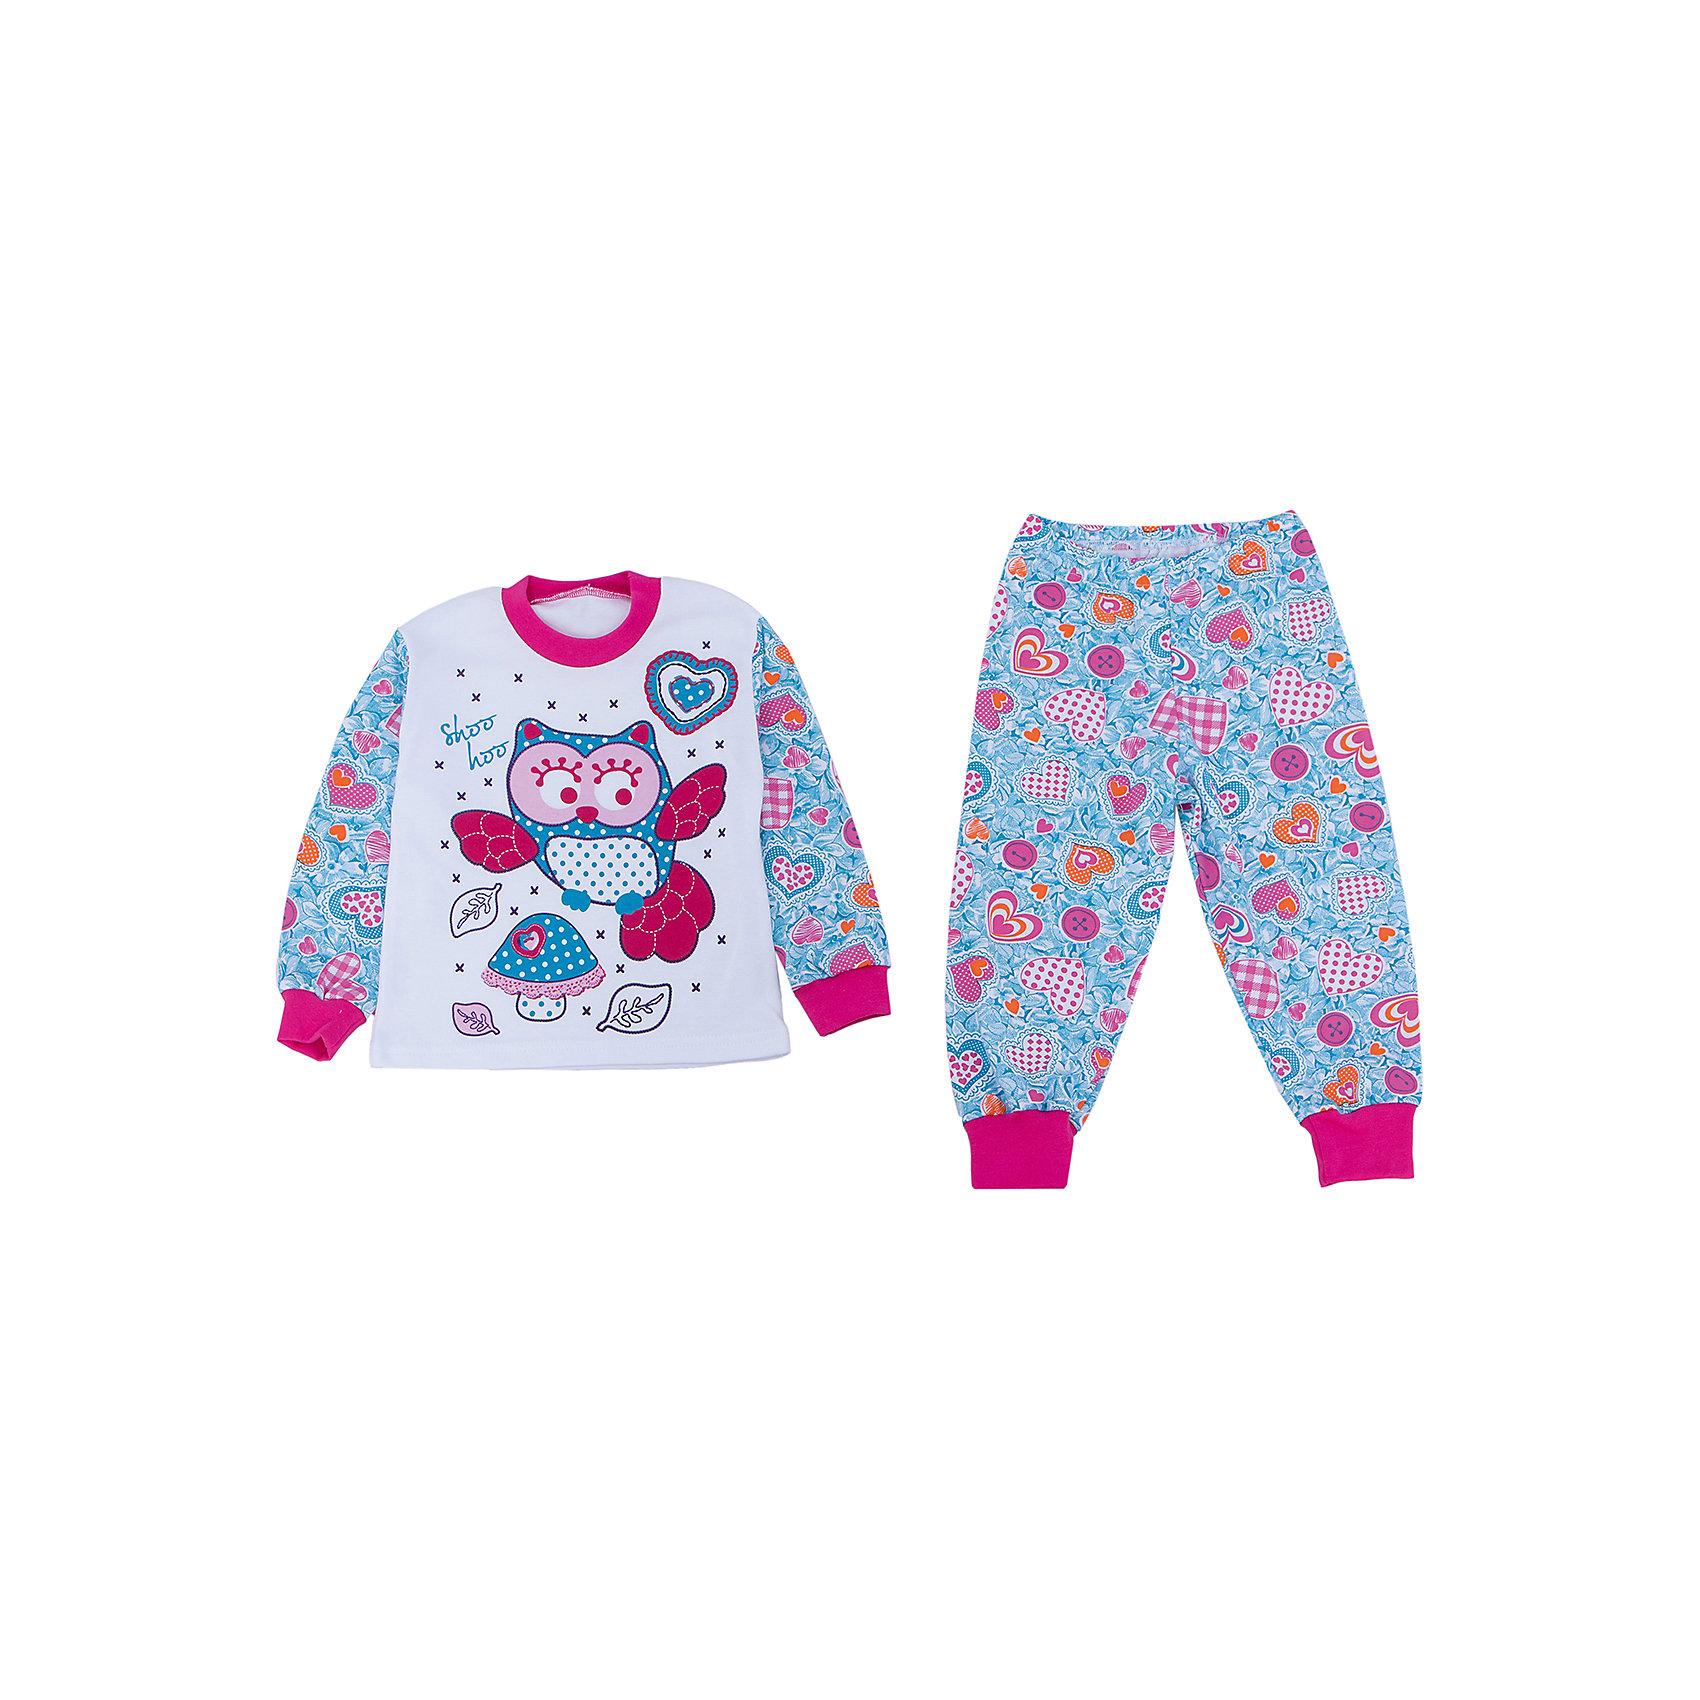 Пижама для девочки АпрельПижамы и сорочки<br>Пижама Апрель.<br><br>Характеристики:<br>• материал: хлопок<br>• цвет: голубой<br><br>Яркая пижама от популярной марки Апрель выполнена из мягкого хлопка, приятного телу, что ребенок сможет оценить во время сна. Манжеты не позволят холодному воздуху проникнуть под одежду. Модель украшена ярким рисунком с сердечками и совой. В такой пижаме ваш ребенок увидит самые приятные и яркие сны!<br><br>Купить пижаму Апрель можно в нашем интернет-магазине.<br><br>Ширина мм: 281<br>Глубина мм: 70<br>Высота мм: 188<br>Вес г: 295<br>Цвет: белый/голубой<br>Возраст от месяцев: 48<br>Возраст до месяцев: 60<br>Пол: Женский<br>Возраст: Детский<br>Размер: 110,116,92,98,104<br>SKU: 4936901